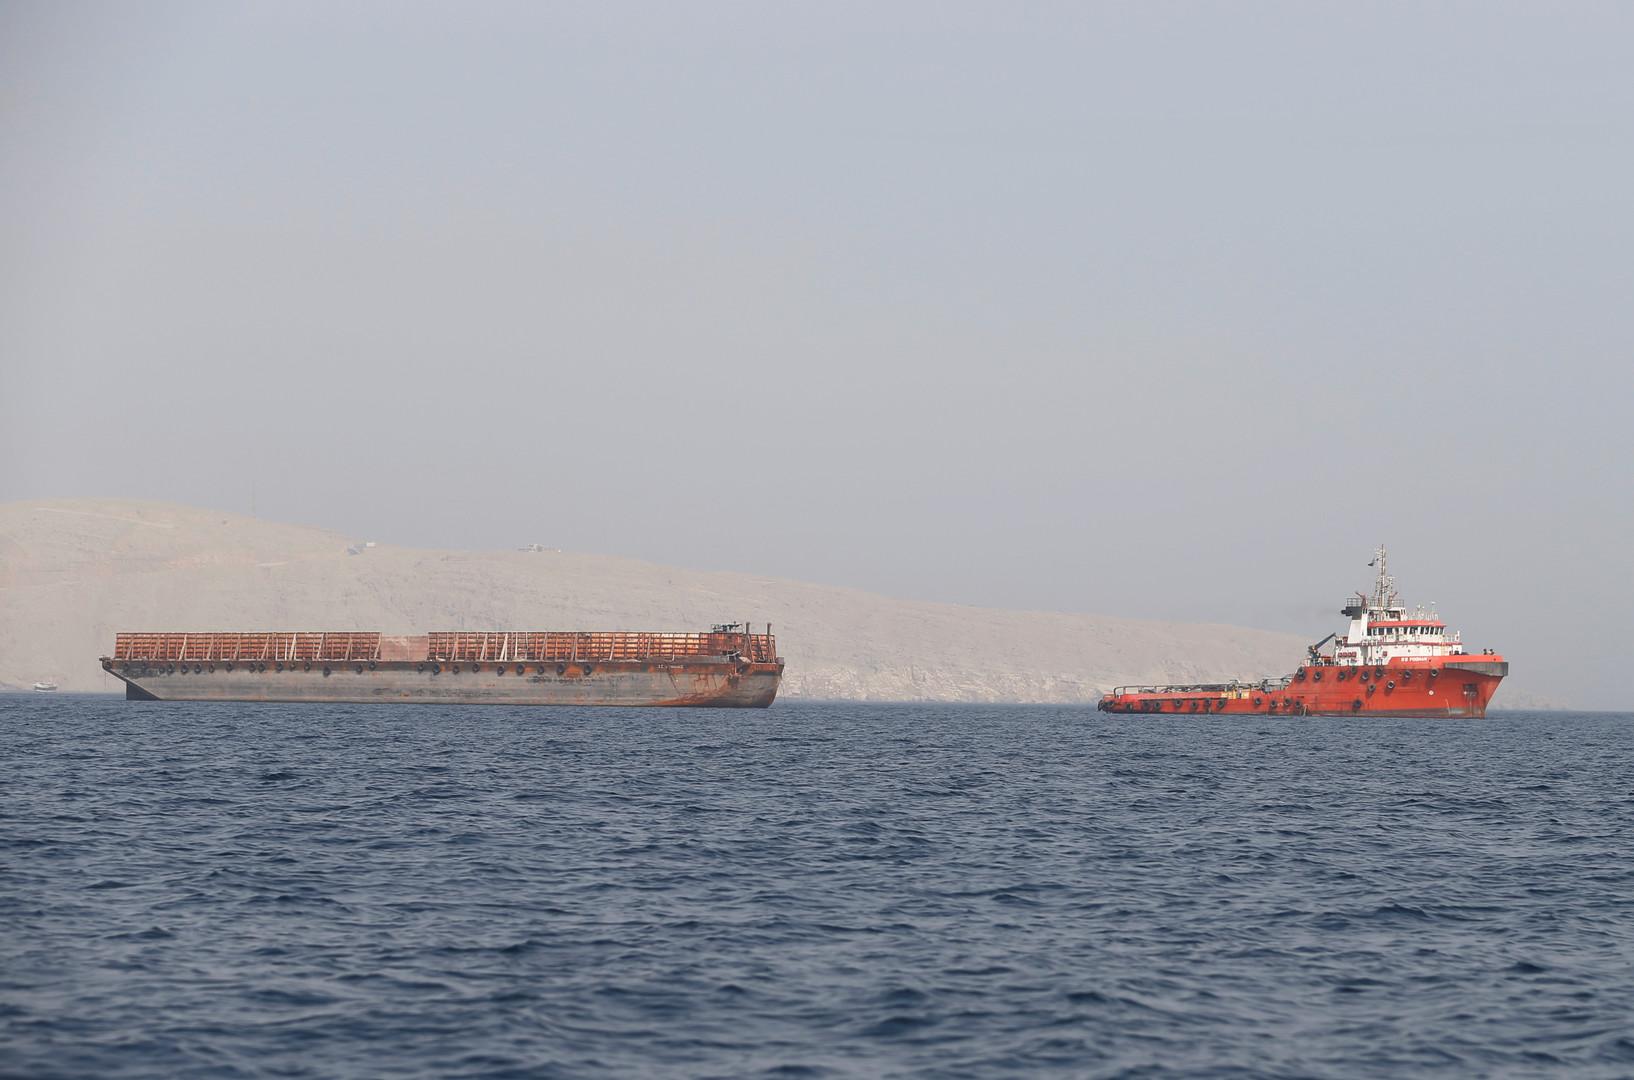 واشنطن تدعو إيران إلى عدم إغلاق مضيقي هرمز وباب المندب في وجه السفن